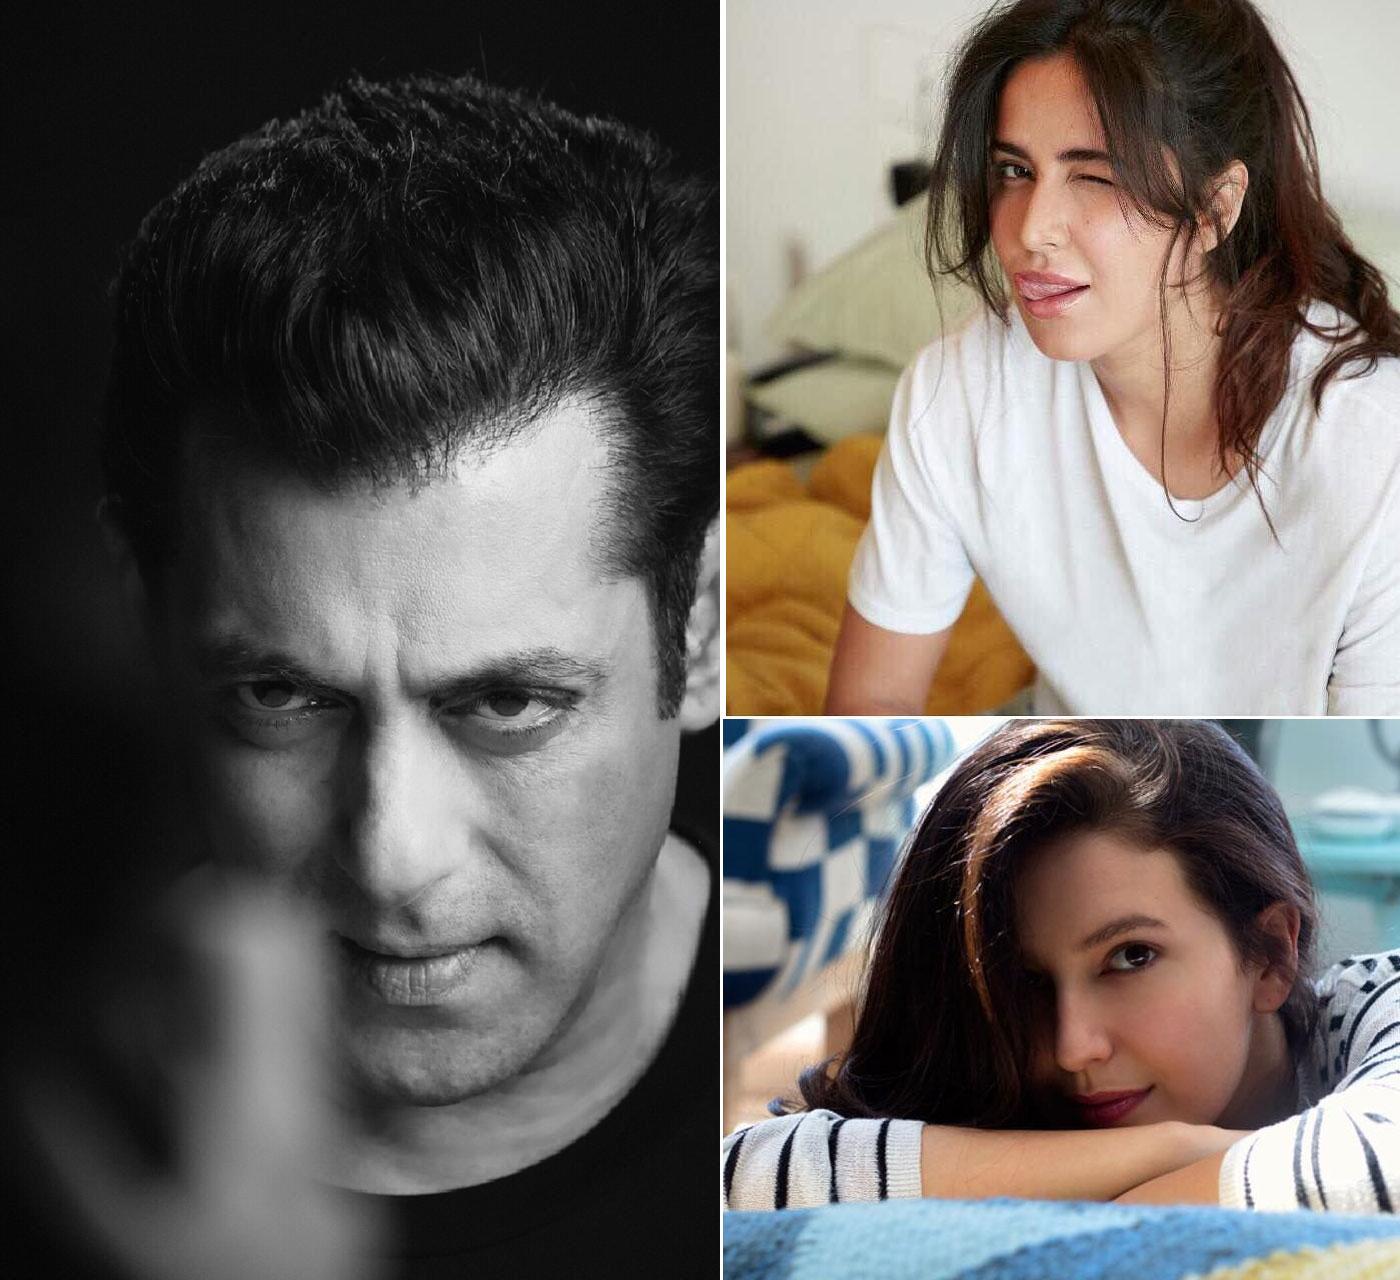 कैटरीना कैफ की बहन इसाबेल का डेब्यु हुआ श्योर, सलमान खान ने शेयर की जानकारी